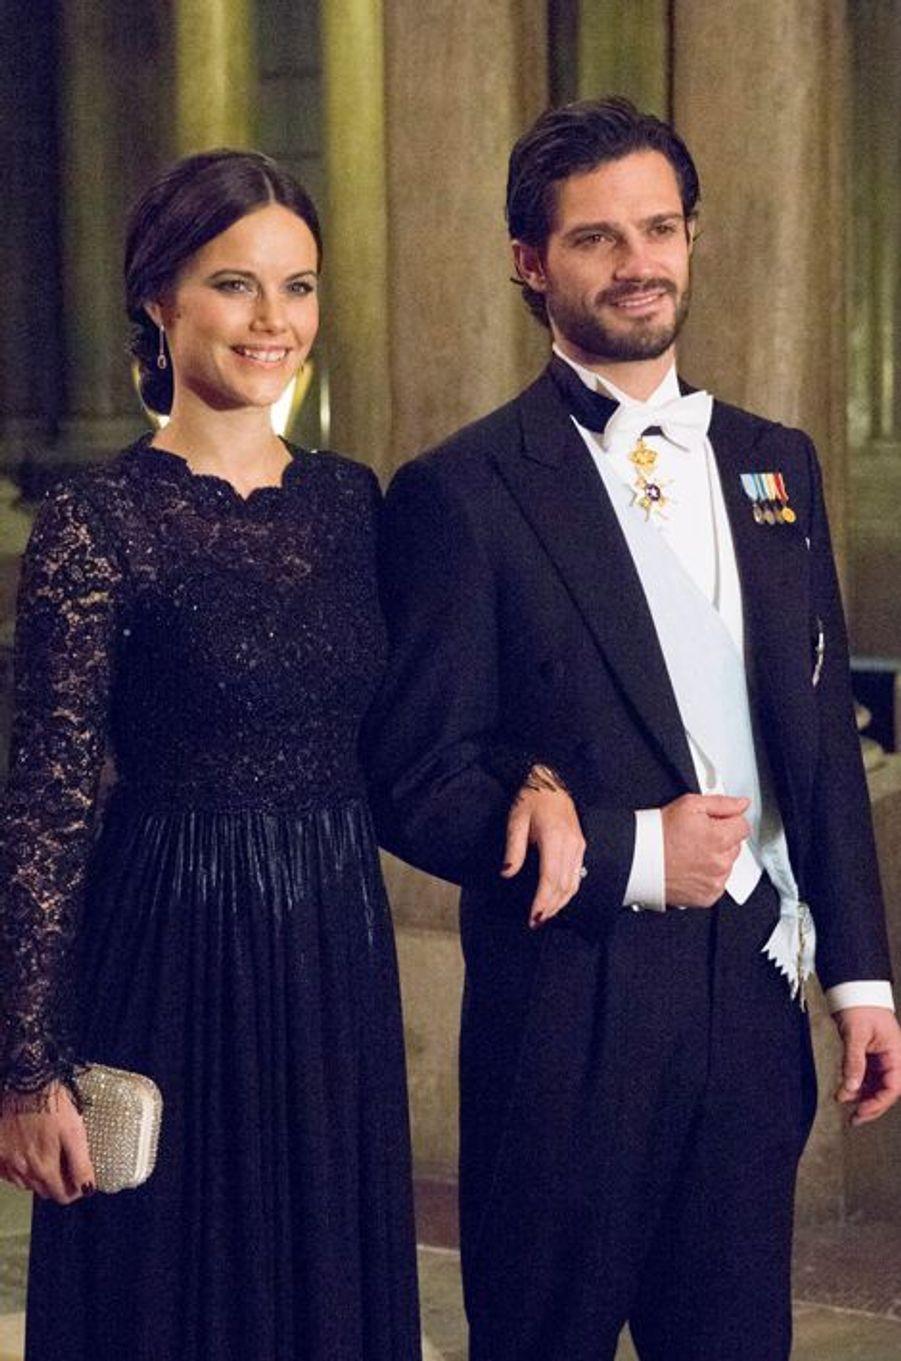 Sofia Hellqvist et le prince Carl Philip au premier dîner de l'année au Palais royal à Stockholm, le 11 février 2015